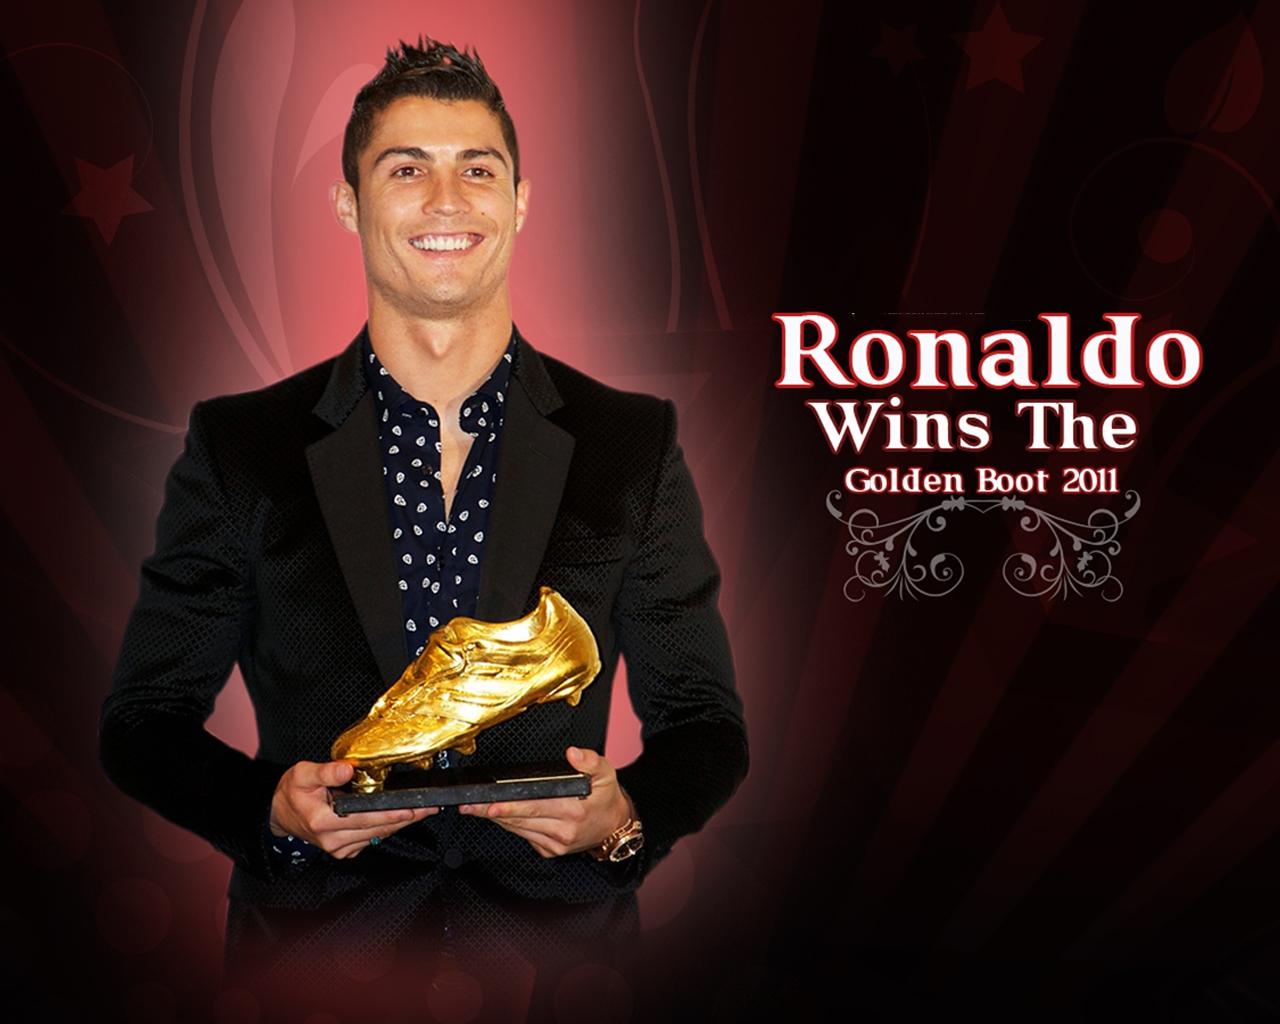 Cristiano Ronaldo Golden Boot 2011 Wallpaper - Cristiano Ronaldo Golden Boot 2011 , HD Wallpaper & Backgrounds